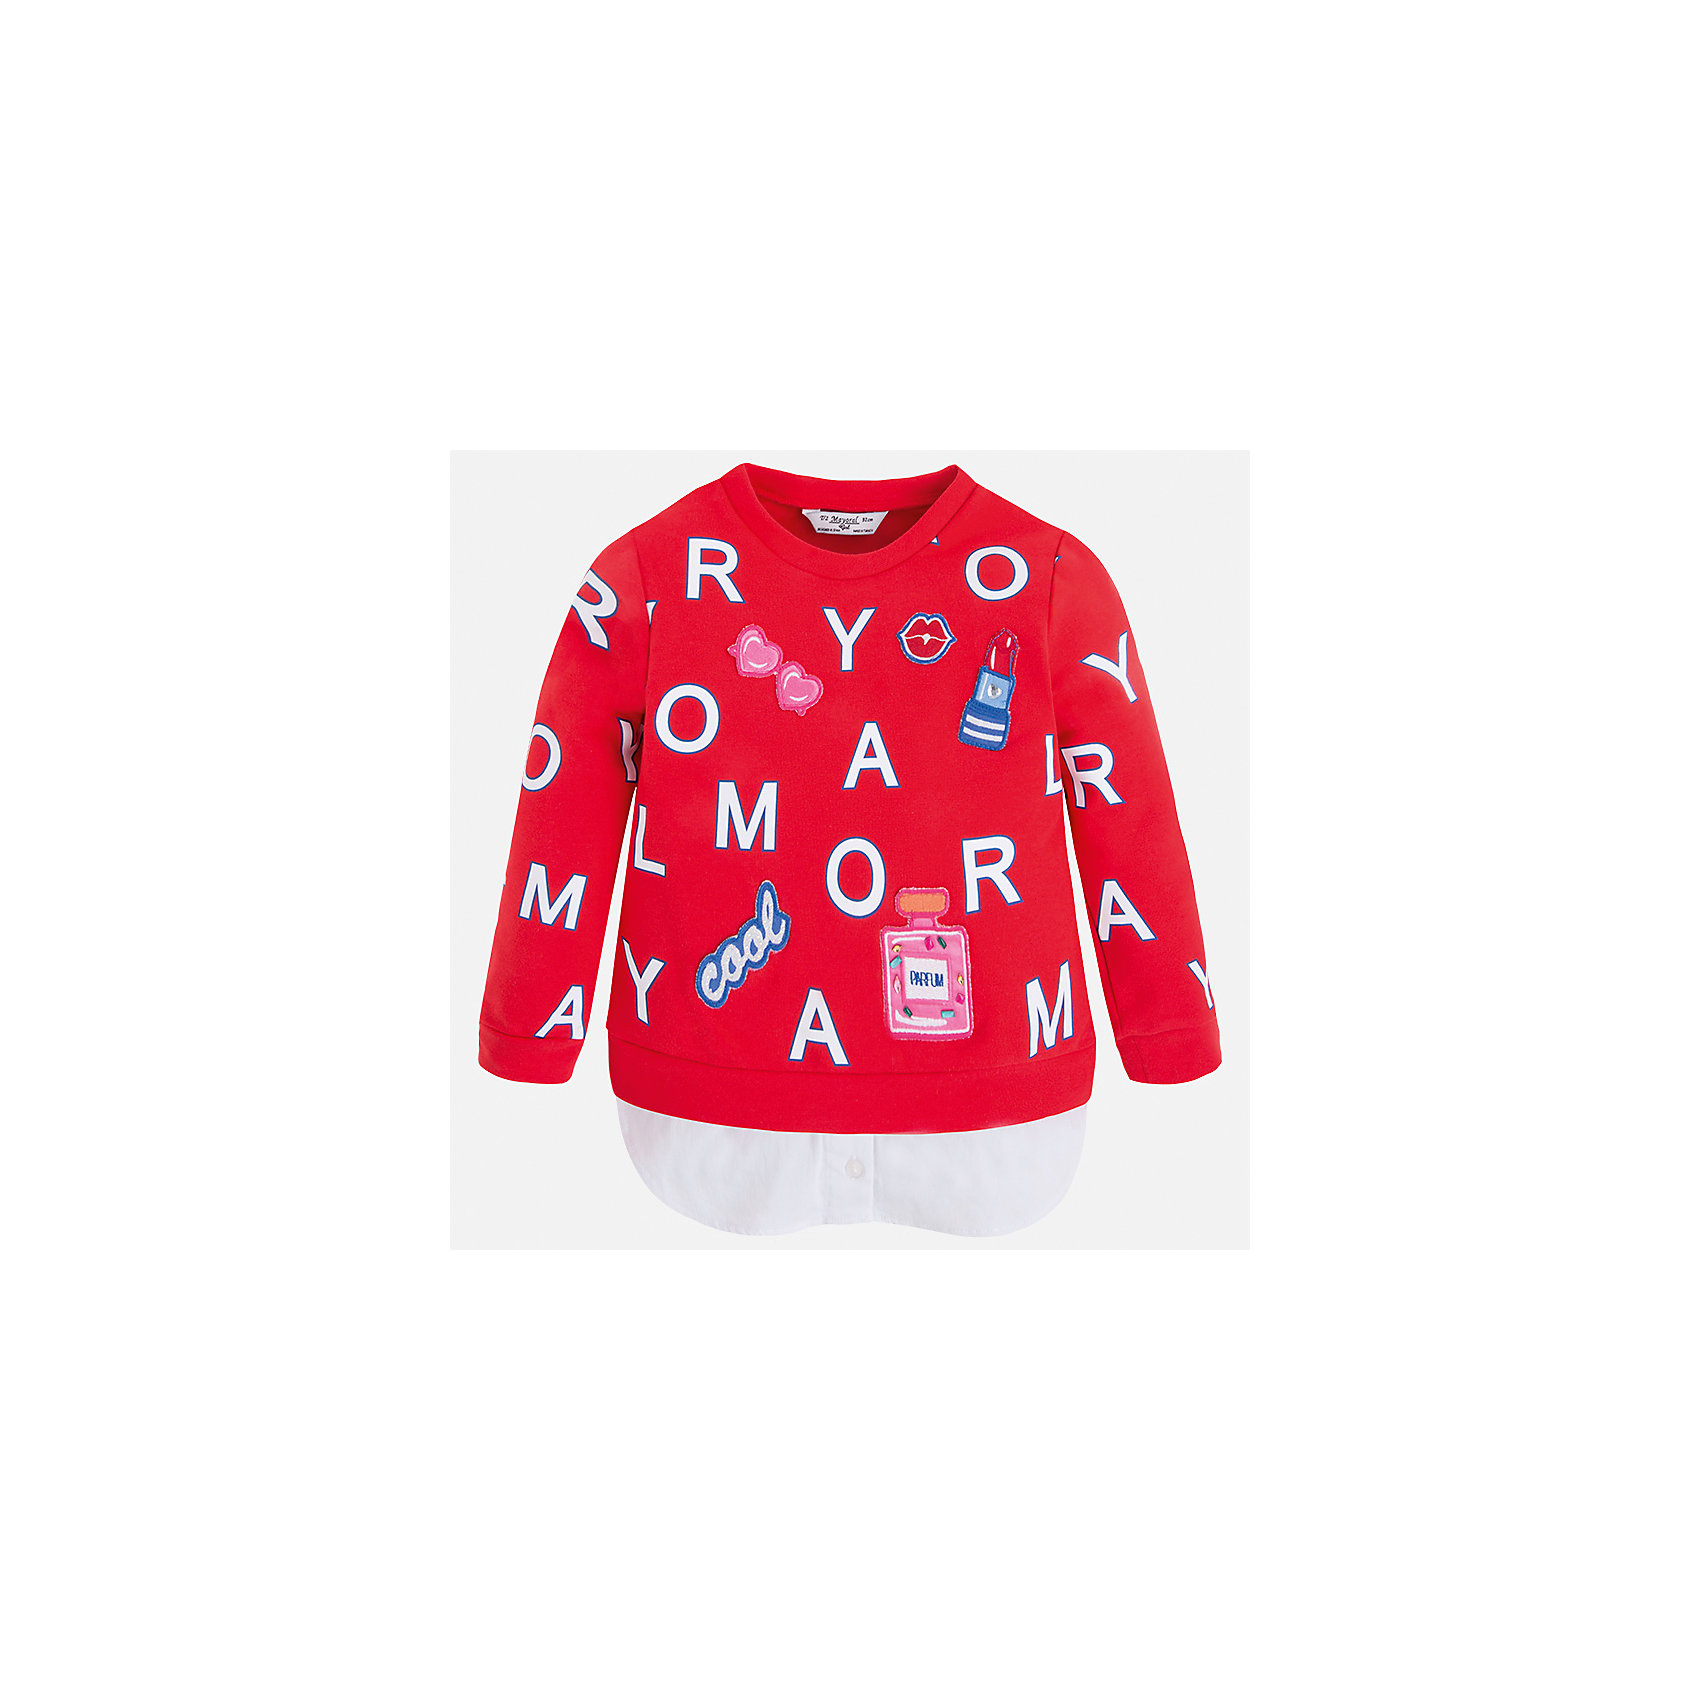 Толстовка для девочки MayoralТолстовки<br>Характеристики товара:<br><br>• цвет: красный<br>• состав: 95% хлопок, 5% эластан<br>• украшен принтом<br>• ворот - округлый<br>• с длинными рукавами <br>• манжеты<br>• страна бренда: Испания<br><br>Удобный и красивый свитер для девочки поможет разнообразить гардероб ребенка и украсить наряд. Он отлично сочетается и с юбками, и с брюками. Яркий цвет позволяет подобрать к вещи низ различных расцветок. Интересная отделка модели делает её нарядной и оригинальной. <br><br>Одежда, обувь и аксессуары от испанского бренда Mayoral полюбились детям и взрослым по всему миру. Модели этой марки - стильные и удобные. Для их производства используются только безопасные, качественные материалы и фурнитура. Порадуйте ребенка модными и красивыми вещами от Mayoral! <br><br>Свитер для девочки от испанского бренда Mayoral (Майорал) можно купить в нашем интернет-магазине.<br><br>Ширина мм: 190<br>Глубина мм: 74<br>Высота мм: 229<br>Вес г: 236<br>Цвет: красный<br>Возраст от месяцев: 18<br>Возраст до месяцев: 24<br>Пол: Женский<br>Возраст: Детский<br>Размер: 92,134,98,104,110,116,122,128<br>SKU: 5290020